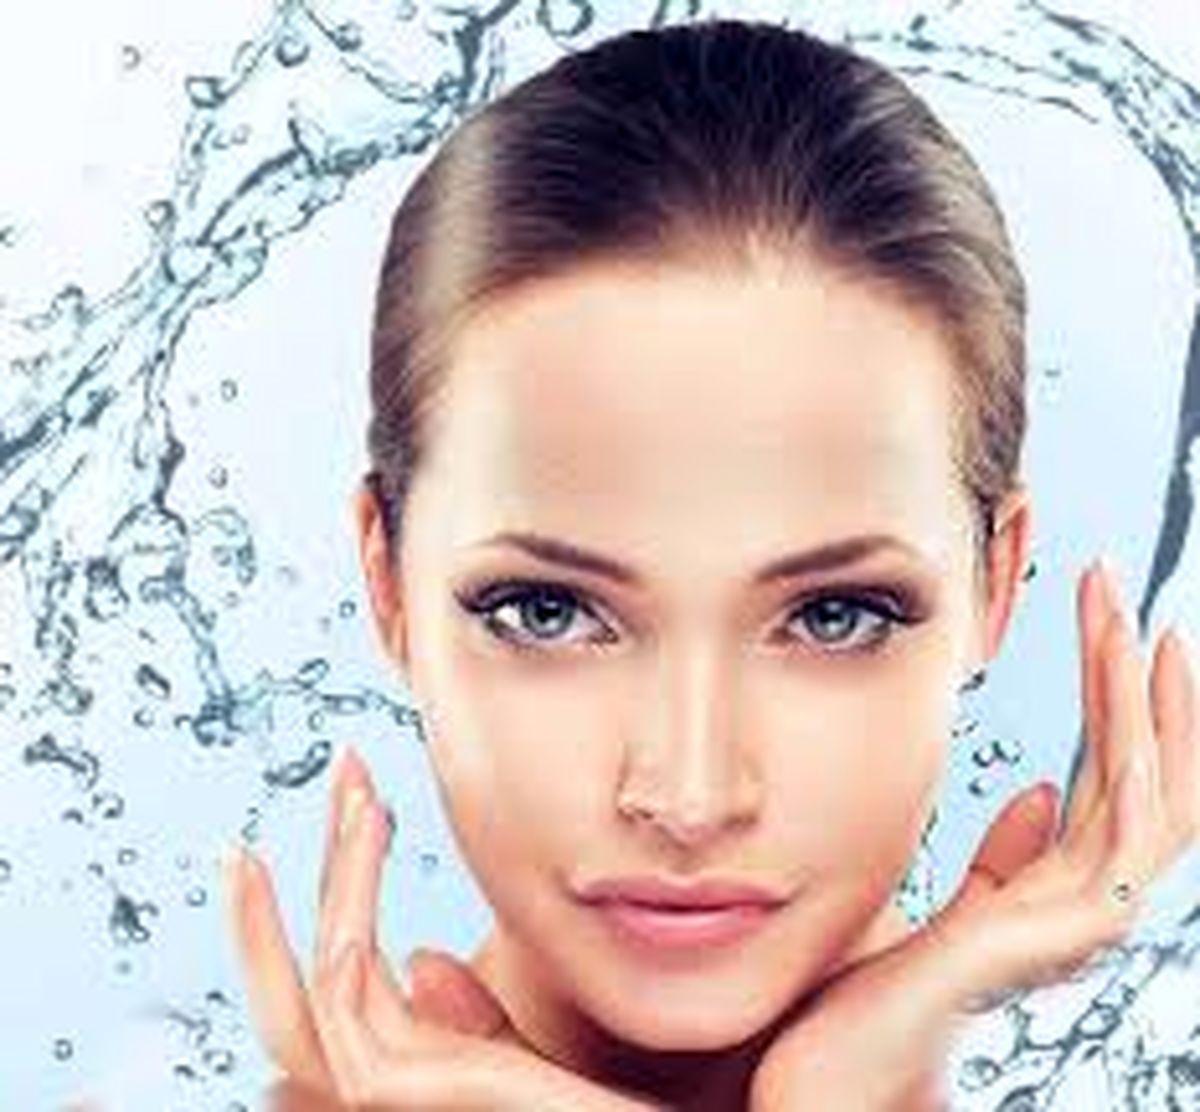 5 ماسک زیبایی موثر که پوستتان را تقویت می کند